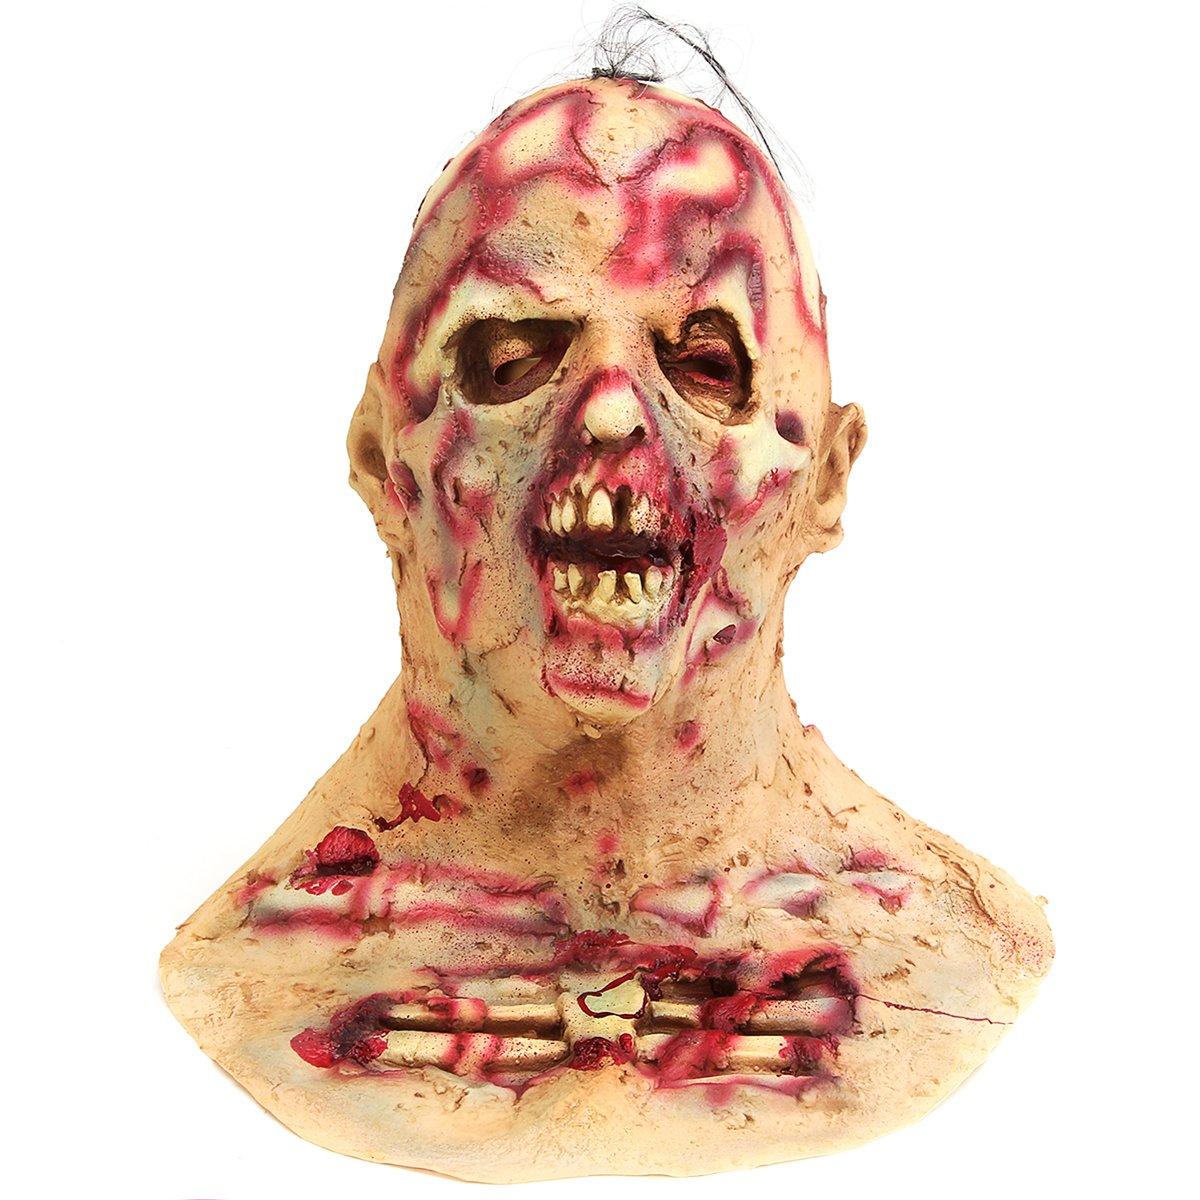 Wuchance Halloween Scary Infected Zombie Erwachsenenmaske Melting Face Latex Horror Kostüm Zubehör